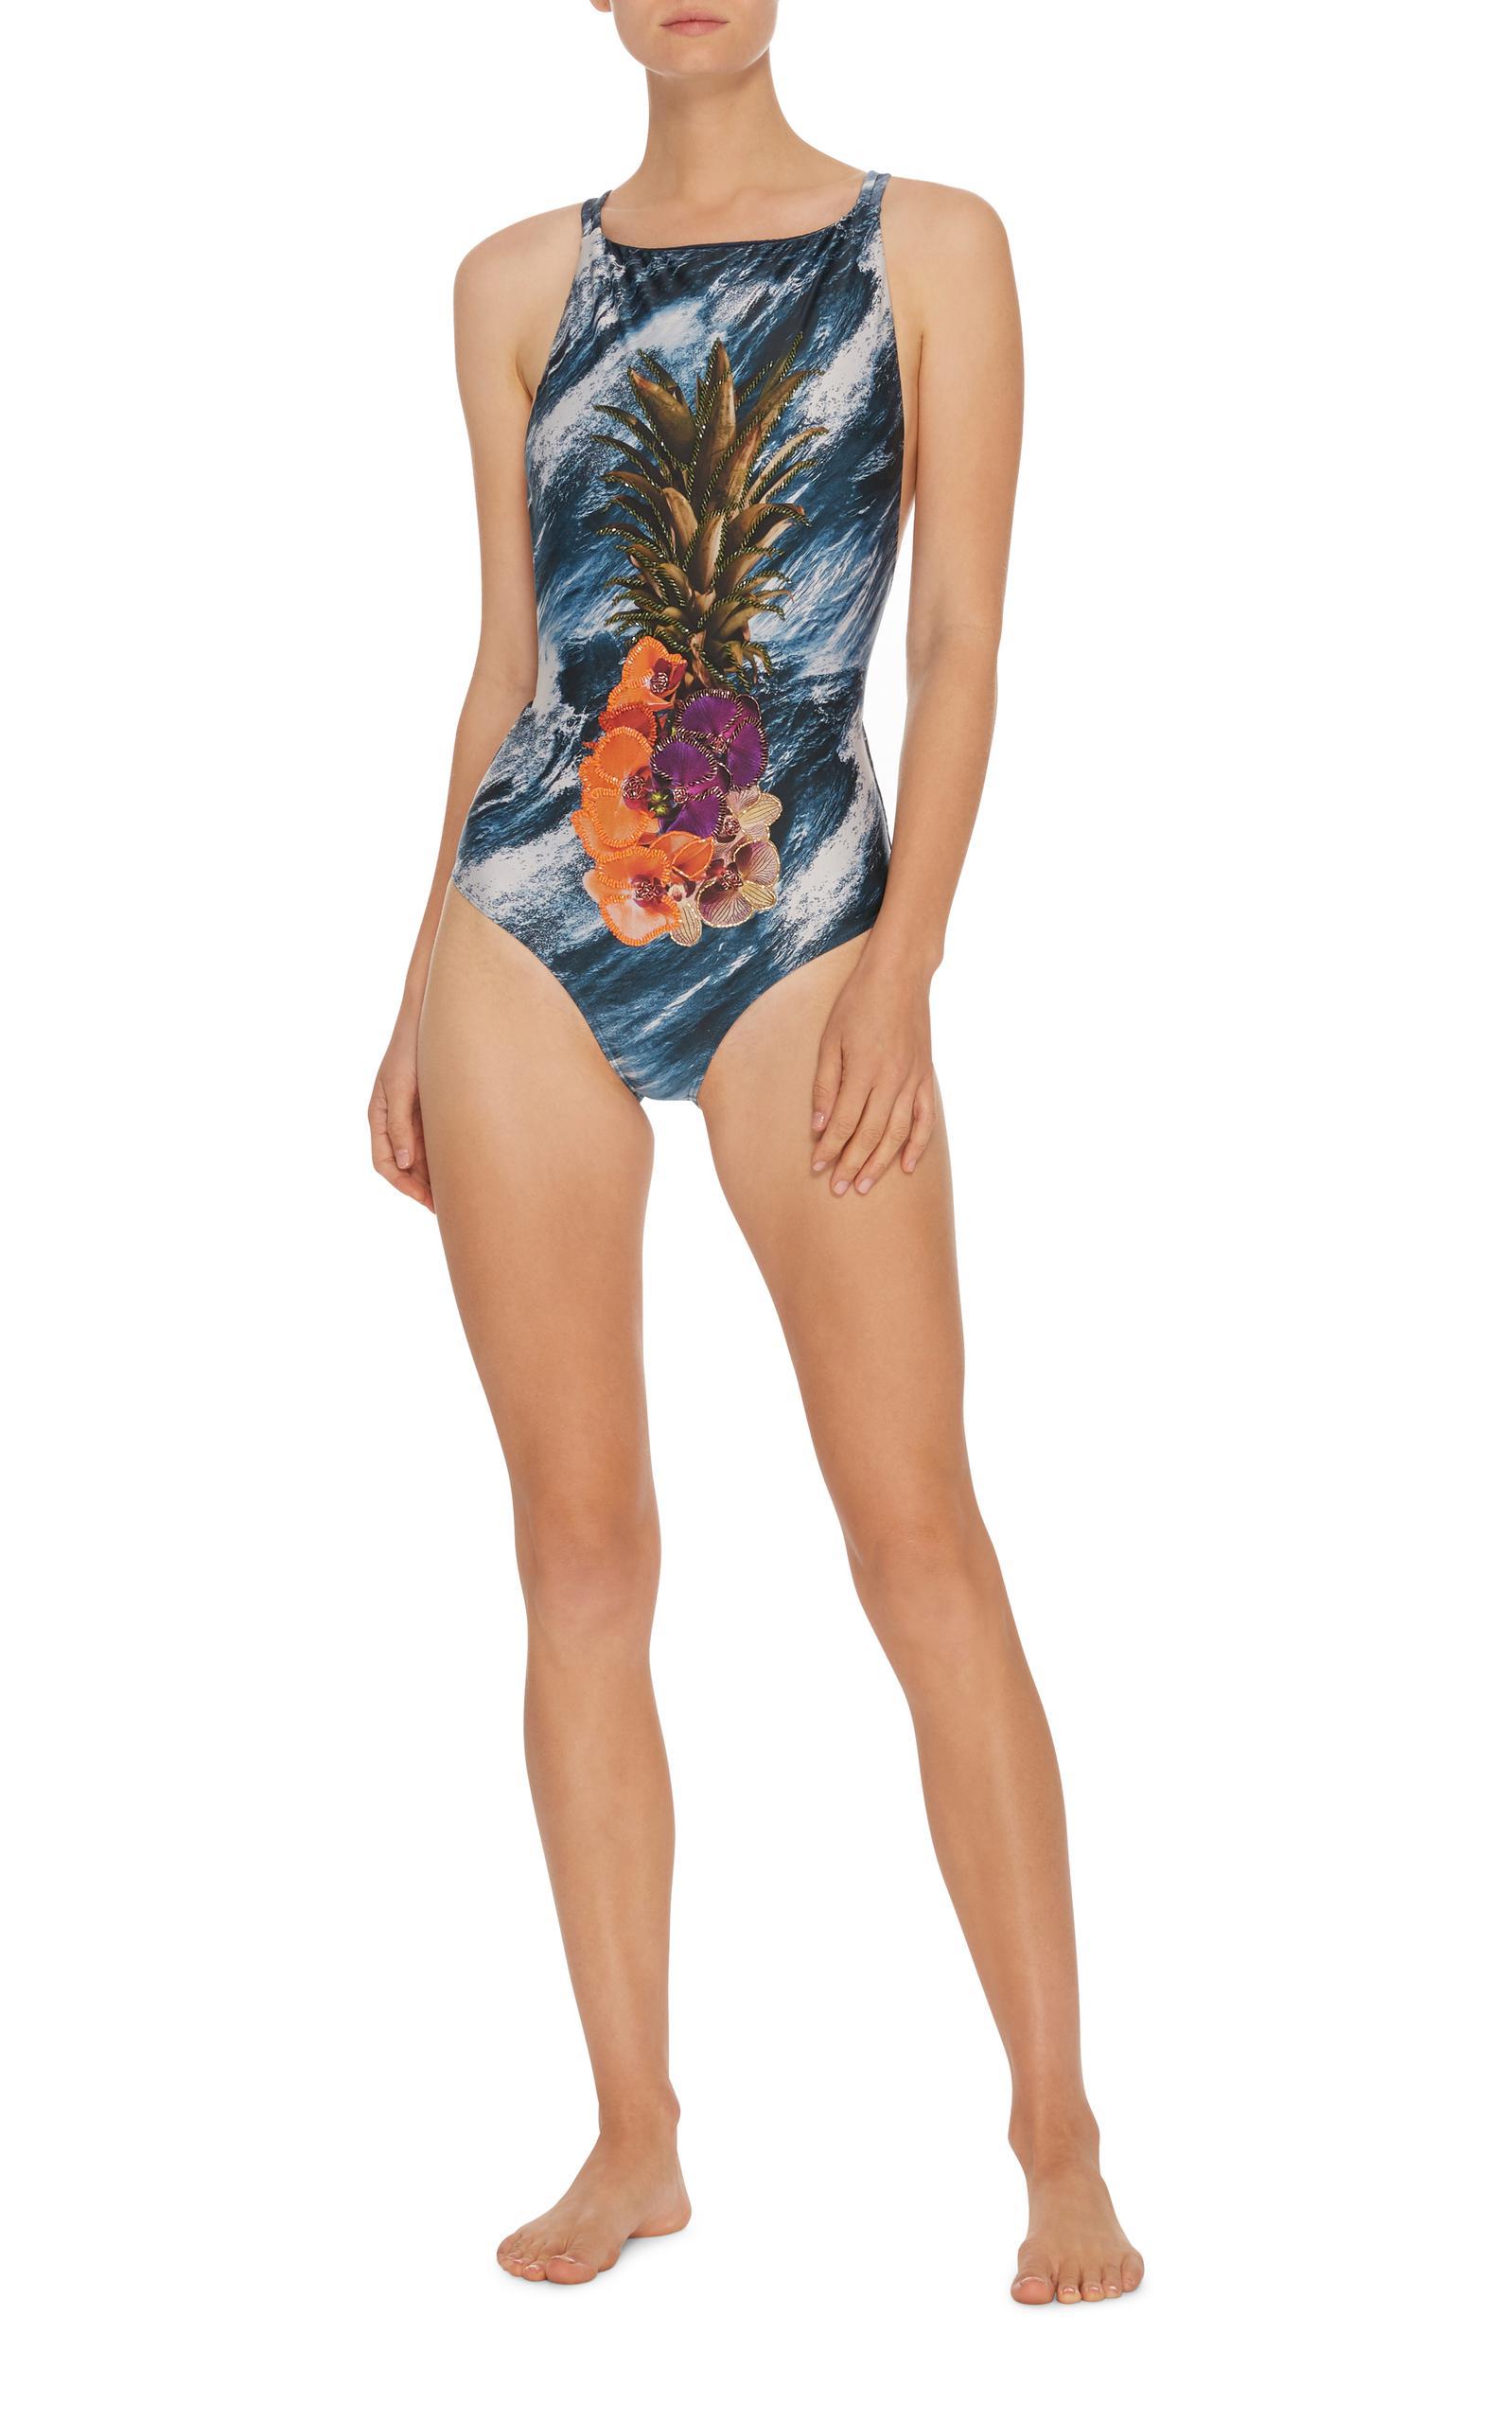 Bon Marché À Vendre Água de Coco Jasmin Embroidered One Piece Swimsuit Qualité Originale classique Amazon De Sortie Prix Incroyable mxgKgUkN7o